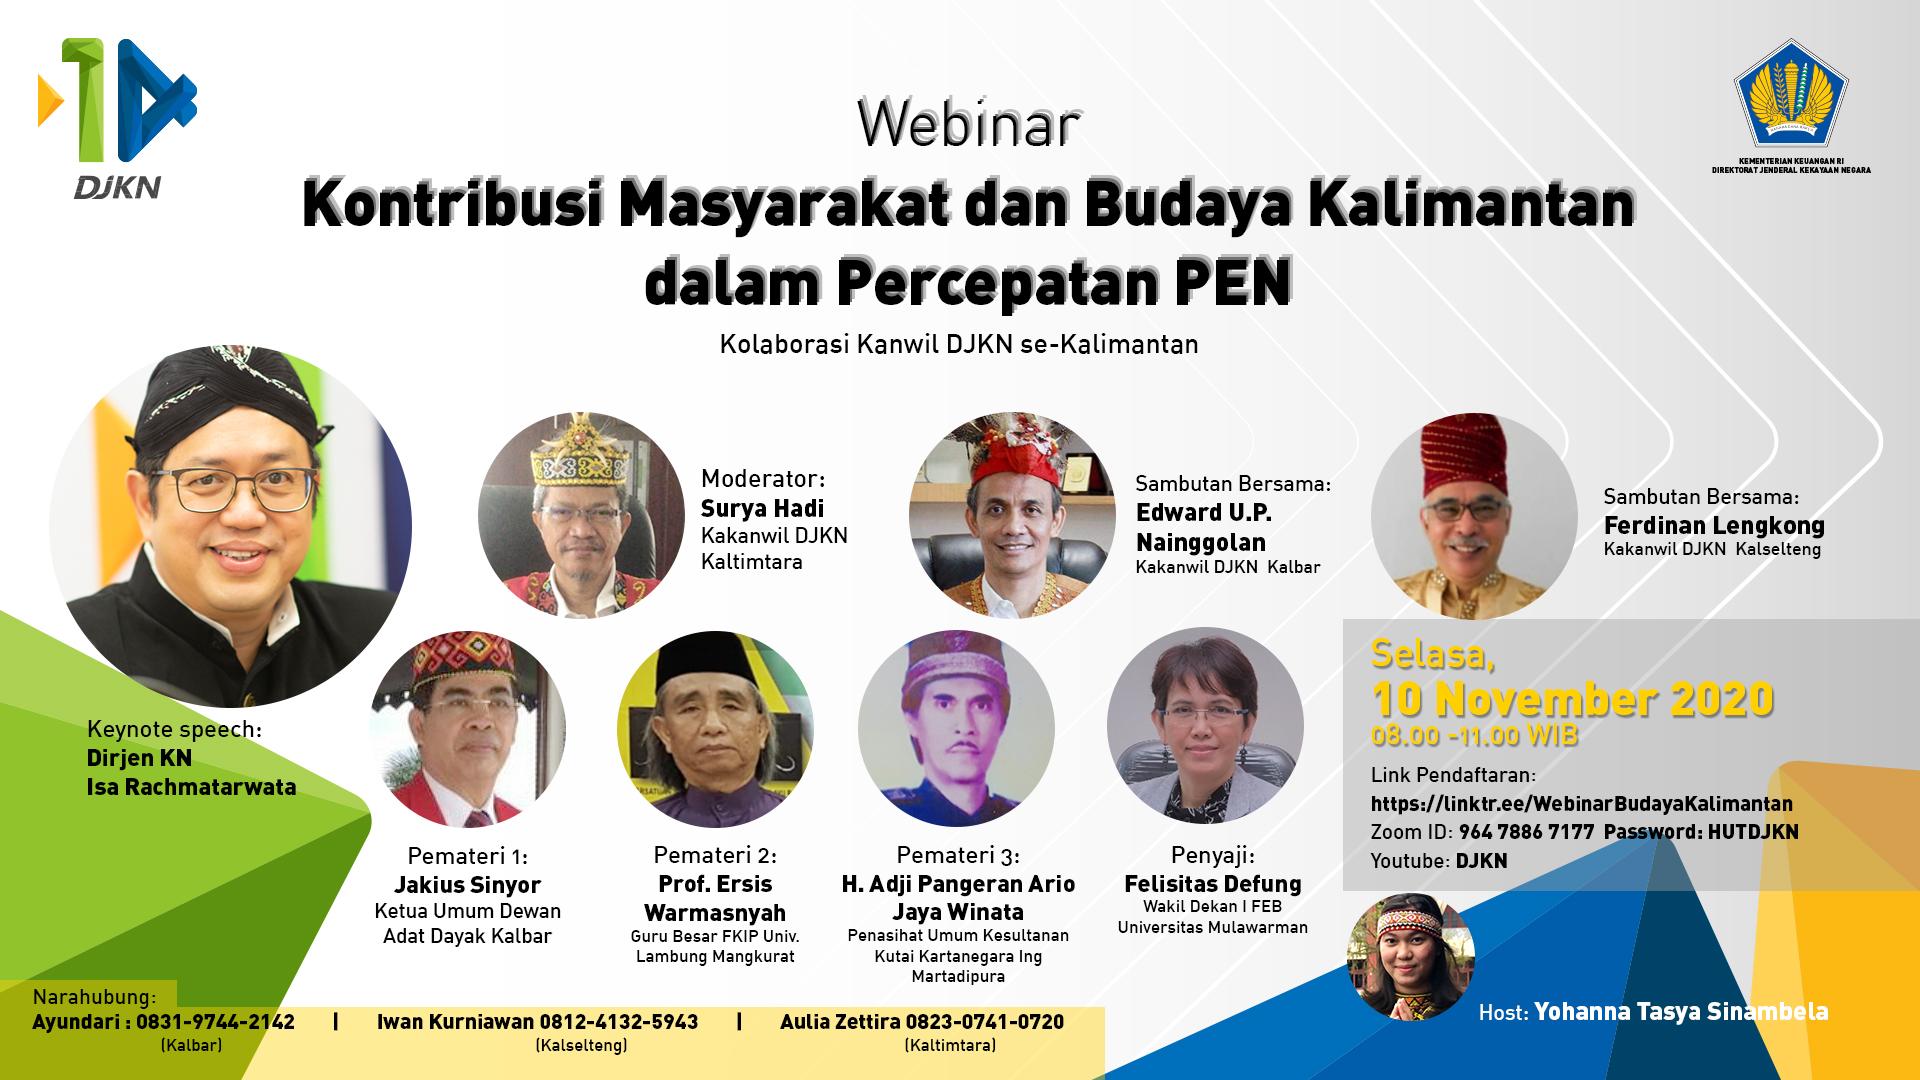 Webinar Kontribusi Masyarakat dan Budaya Kalimantan dalam Percepatan PEN